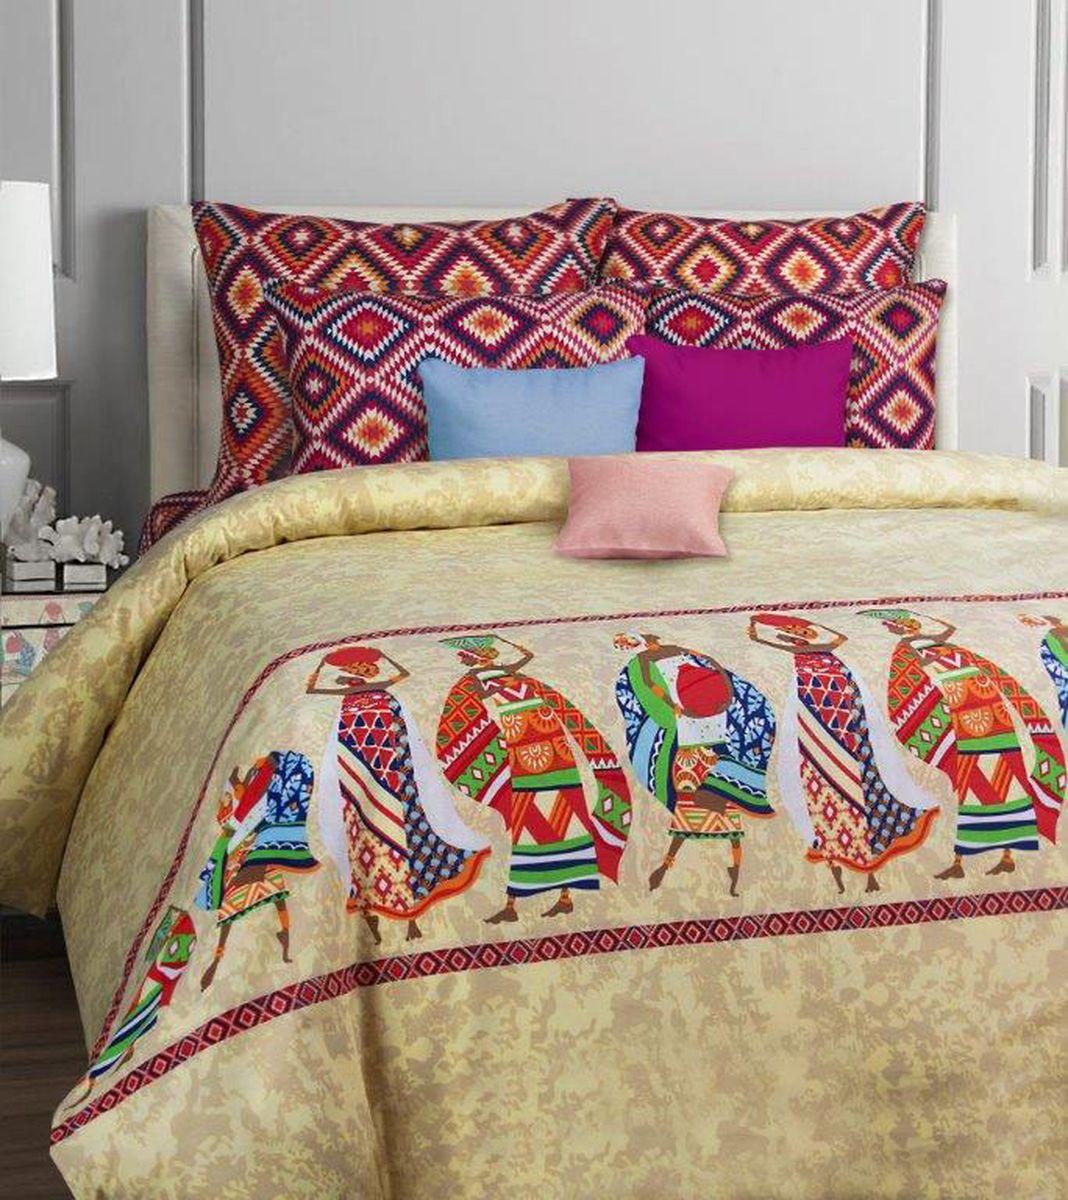 Комплект постельного белья Mona Liza Classik. Afrika, 1,5-спальный, наволочки 70х70, бязь551114/44Коллекция постельного белья MONA LIZA Classic поражает многообразием дизайнов. Среди них легко подобрать необходимый рисунок, который создаст в доме уют. Комплекты выполнены из бязи 100 % хлопка.